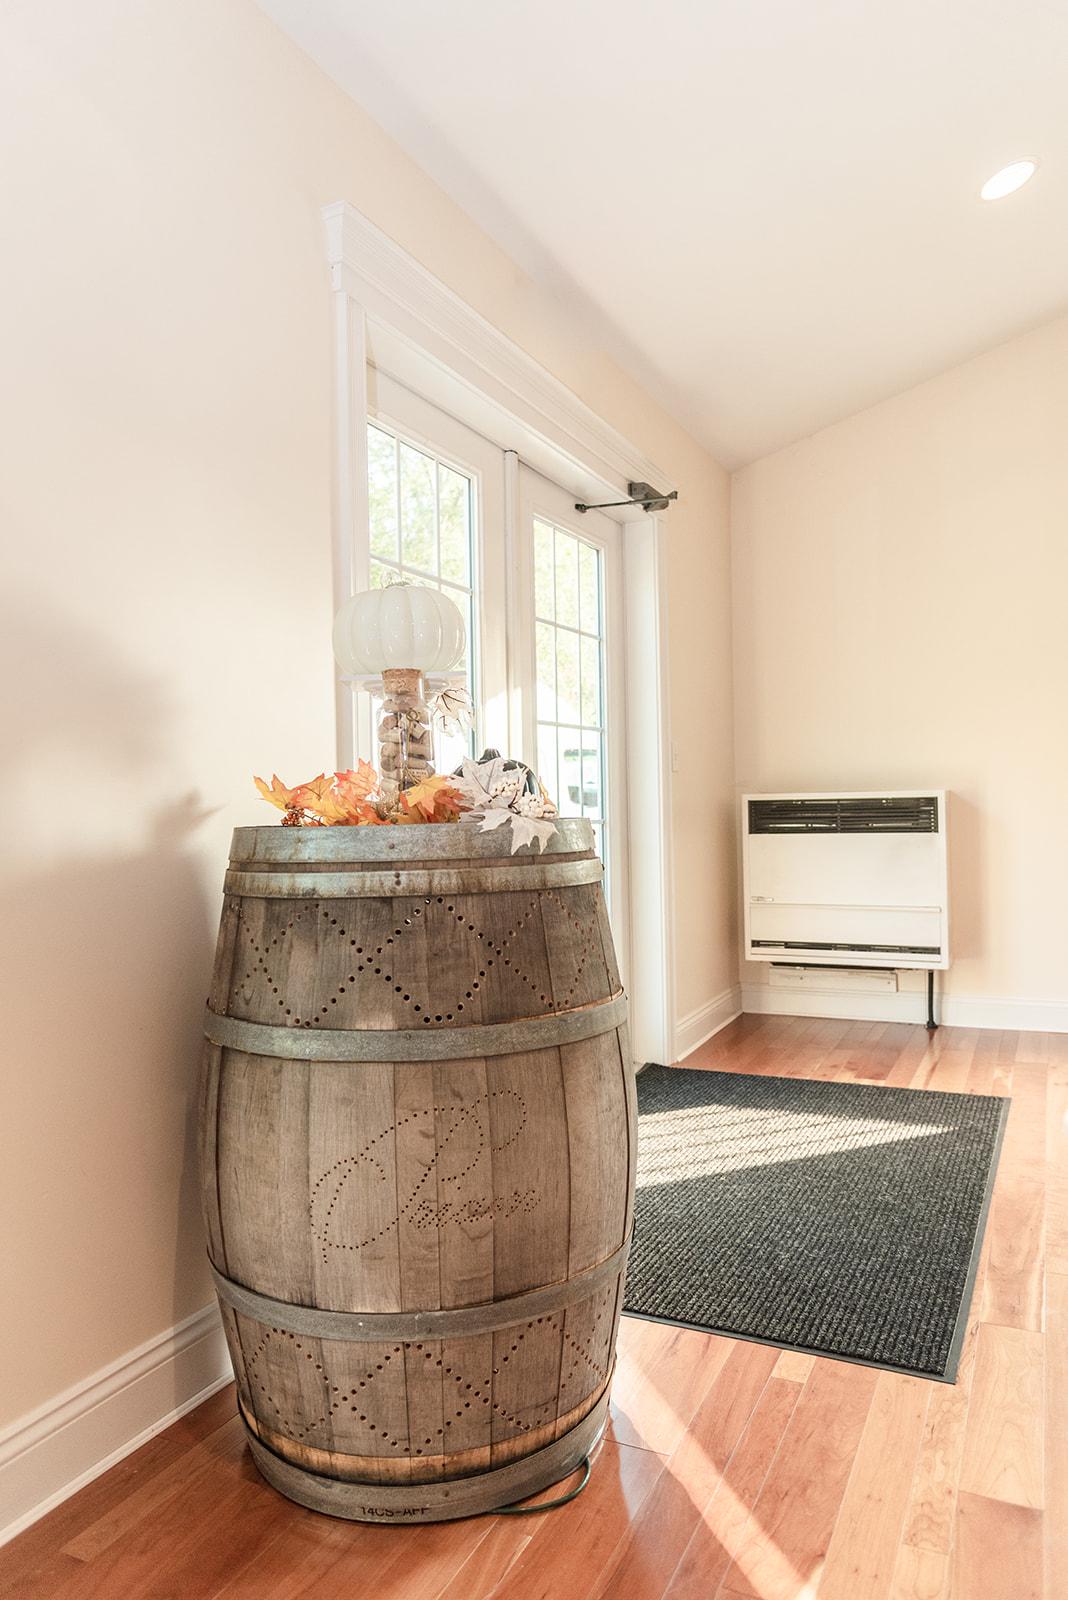 Priam_Vineyards_Wine_Makers_Room-4